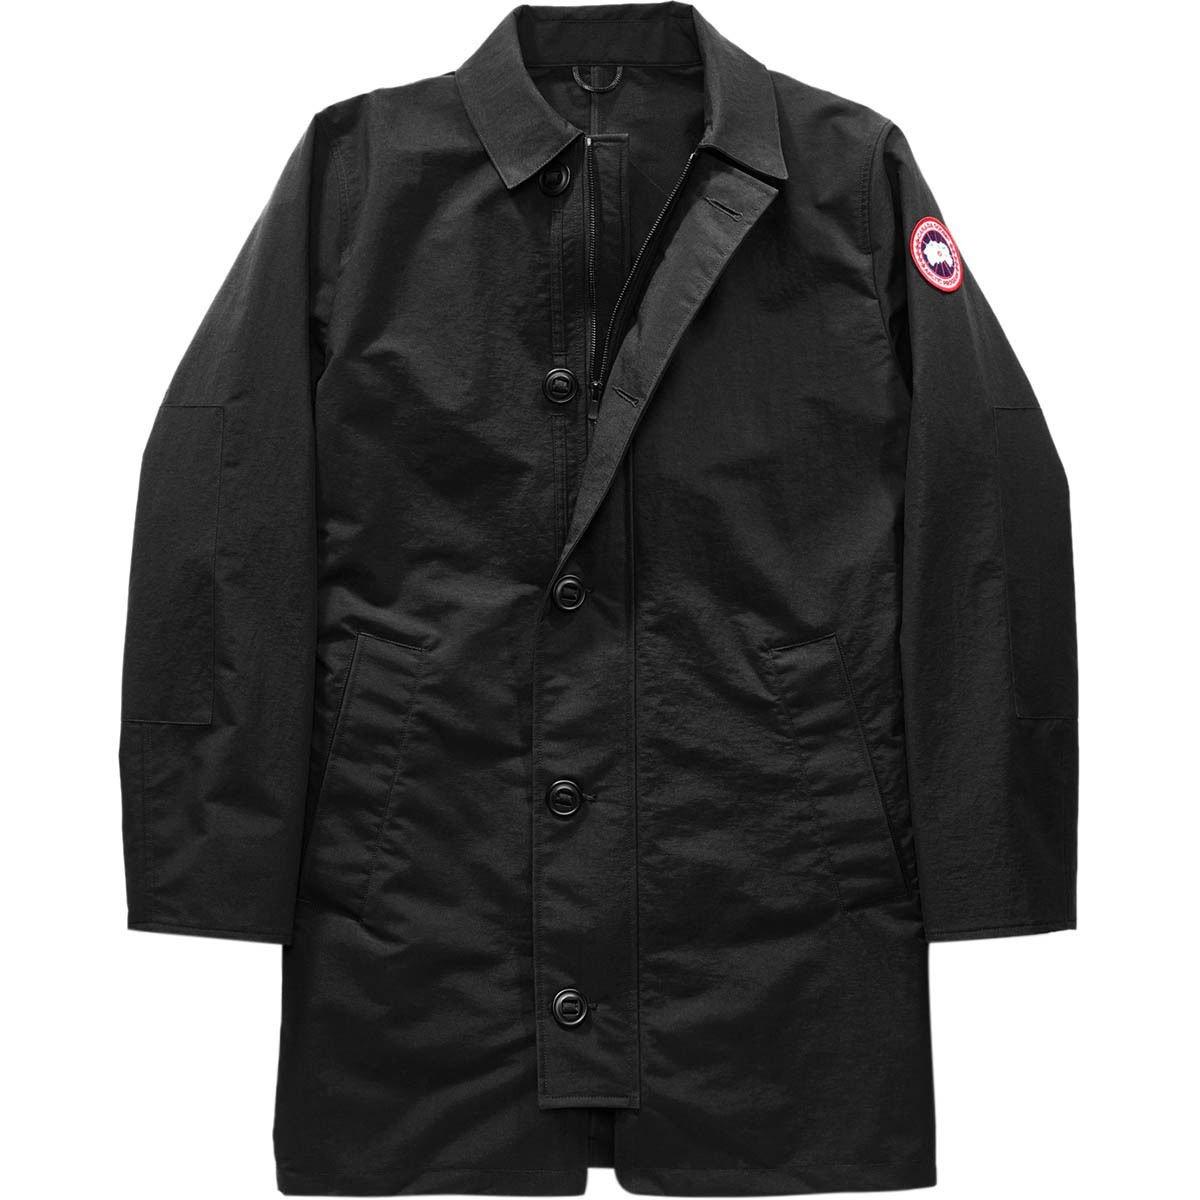 (カナダグース)Canada Goose Wainwright Coat メンズ ジャケットBlack [並行輸入品] B079FMD3HN 日本サイズ L (US M)|Black Black 日本サイズ L (US M)